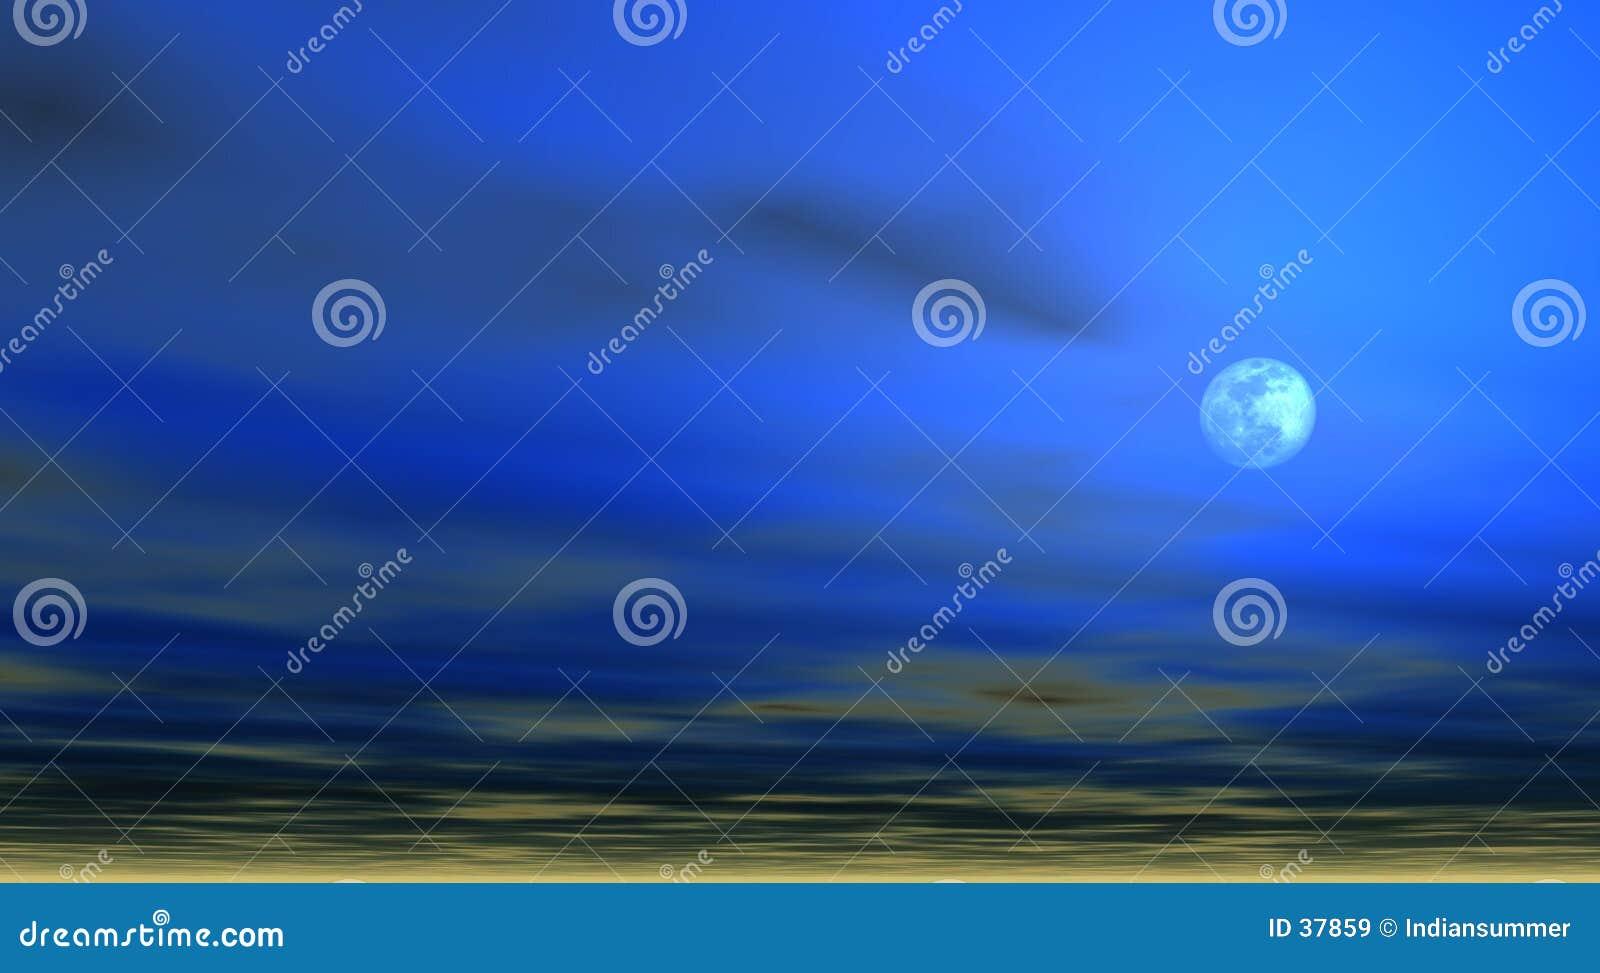 Fond de ciel avec la lune [4]